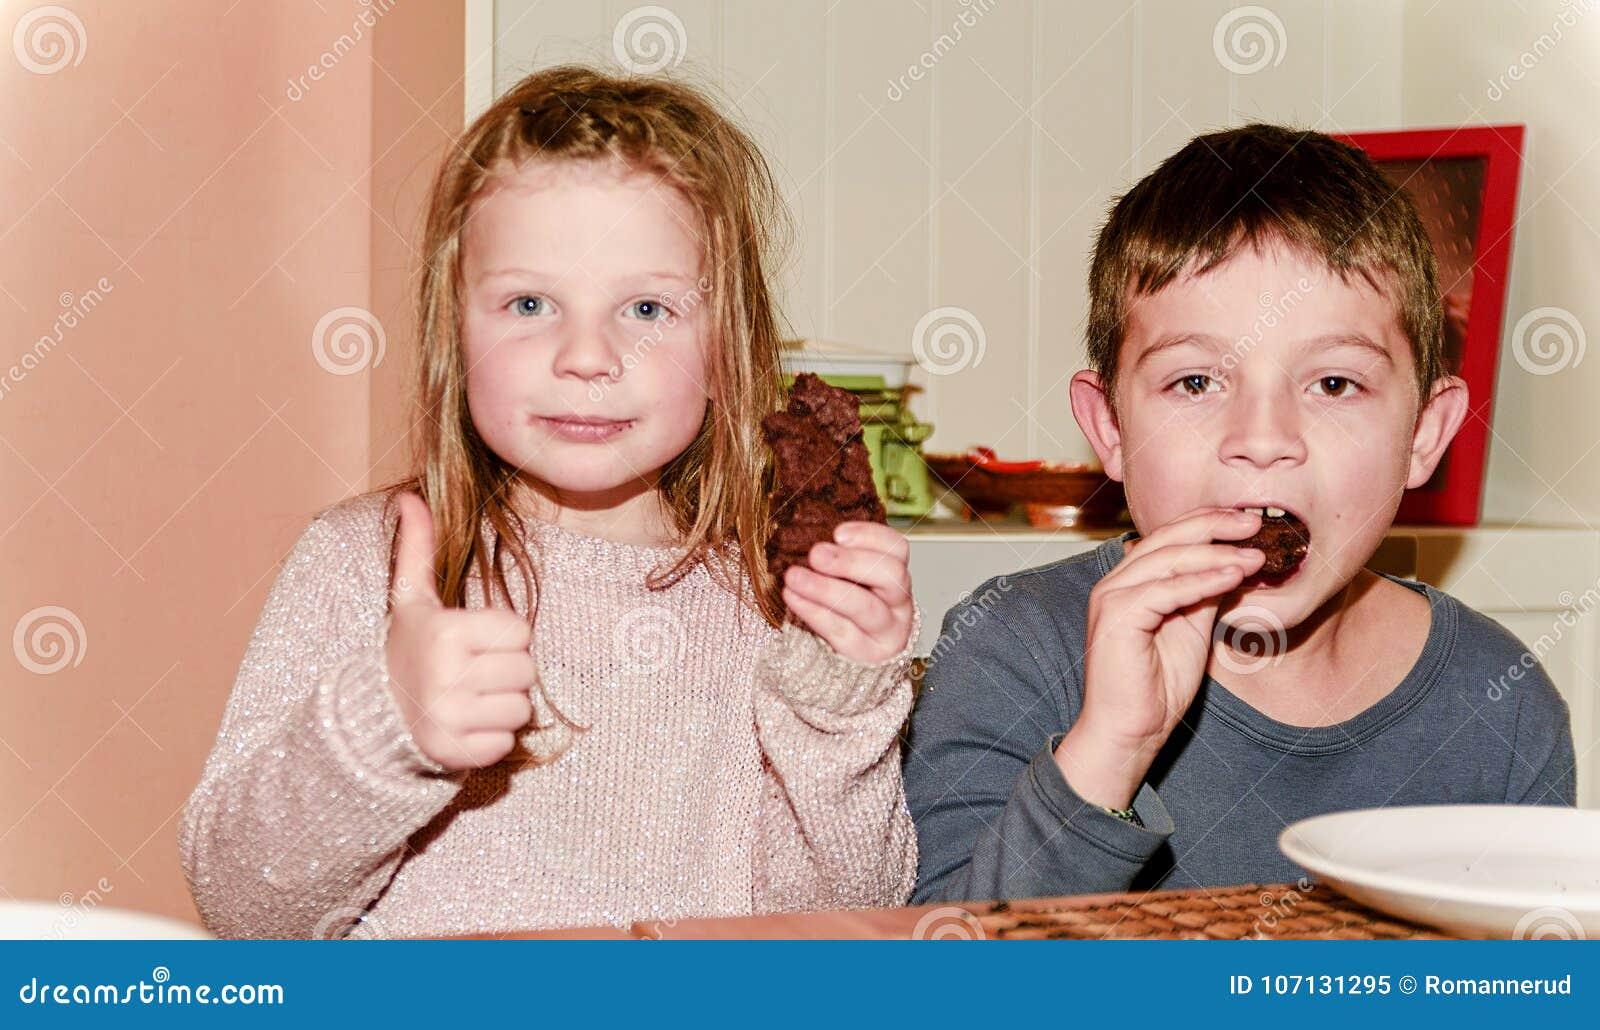 Zwei Kinder essen braune Plätzchen, die Mädchen thum aufgibt Lustiges und Kinderkonzept Addieren Sie warmen Effekt